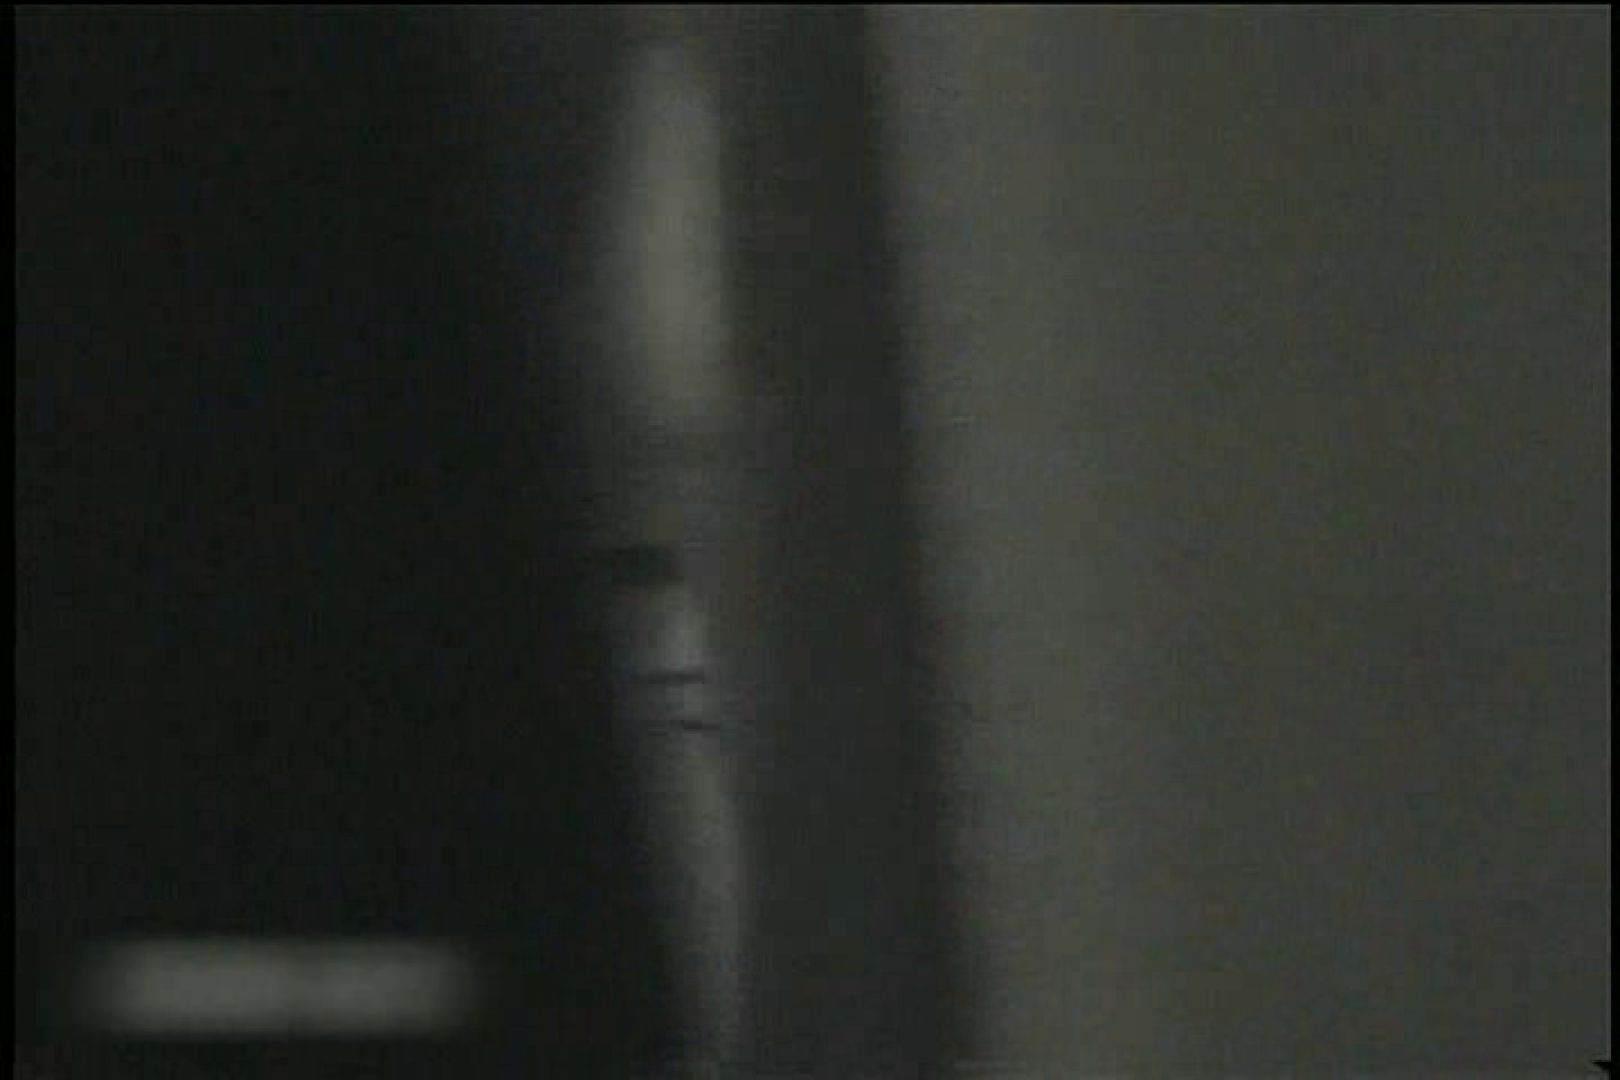 プライベートの極技!!Vol.14 OLエロ画像 覗き性交動画流出 103PICs 42